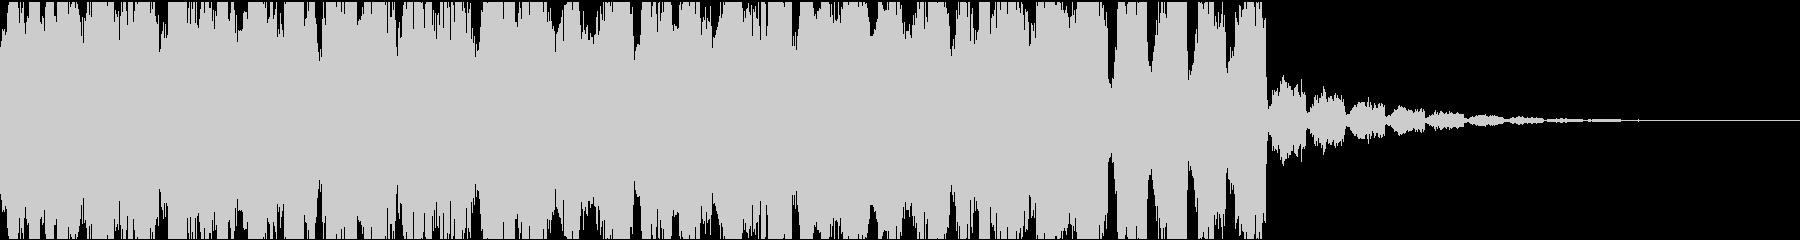 リラックスチルアウトトロピカルジングル2の未再生の波形